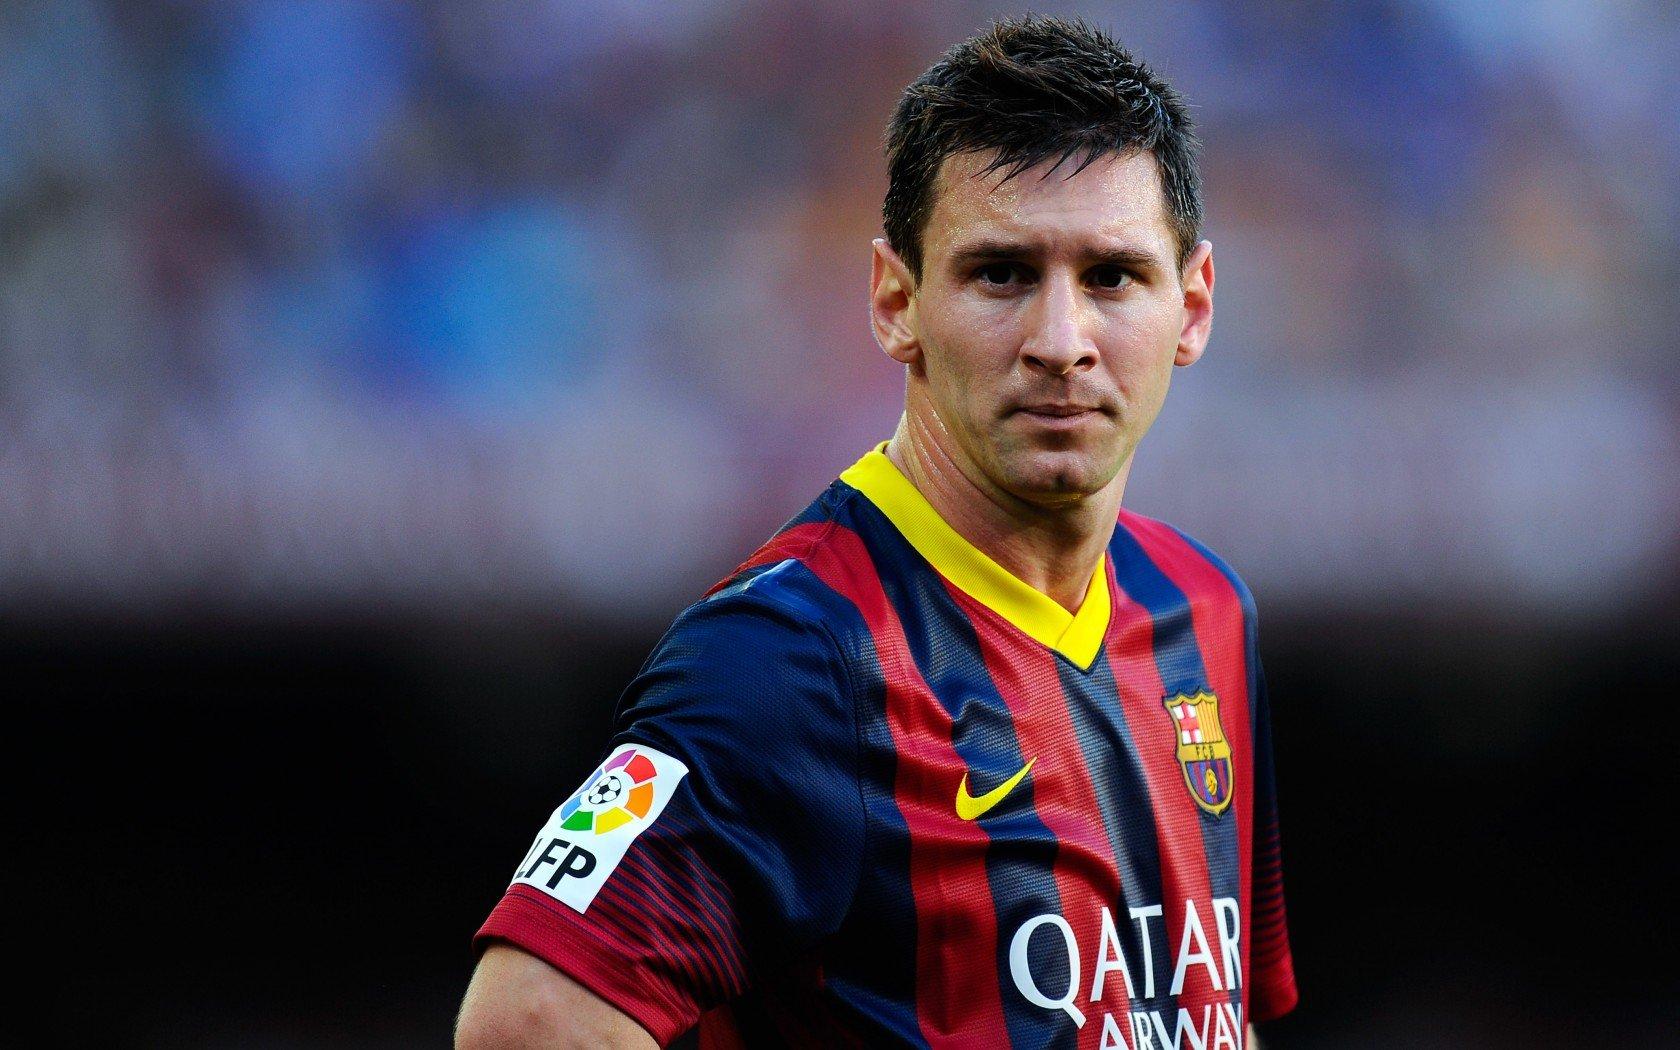 Месси обошёл Пуйоля поколичеству матчей за«Барселону»